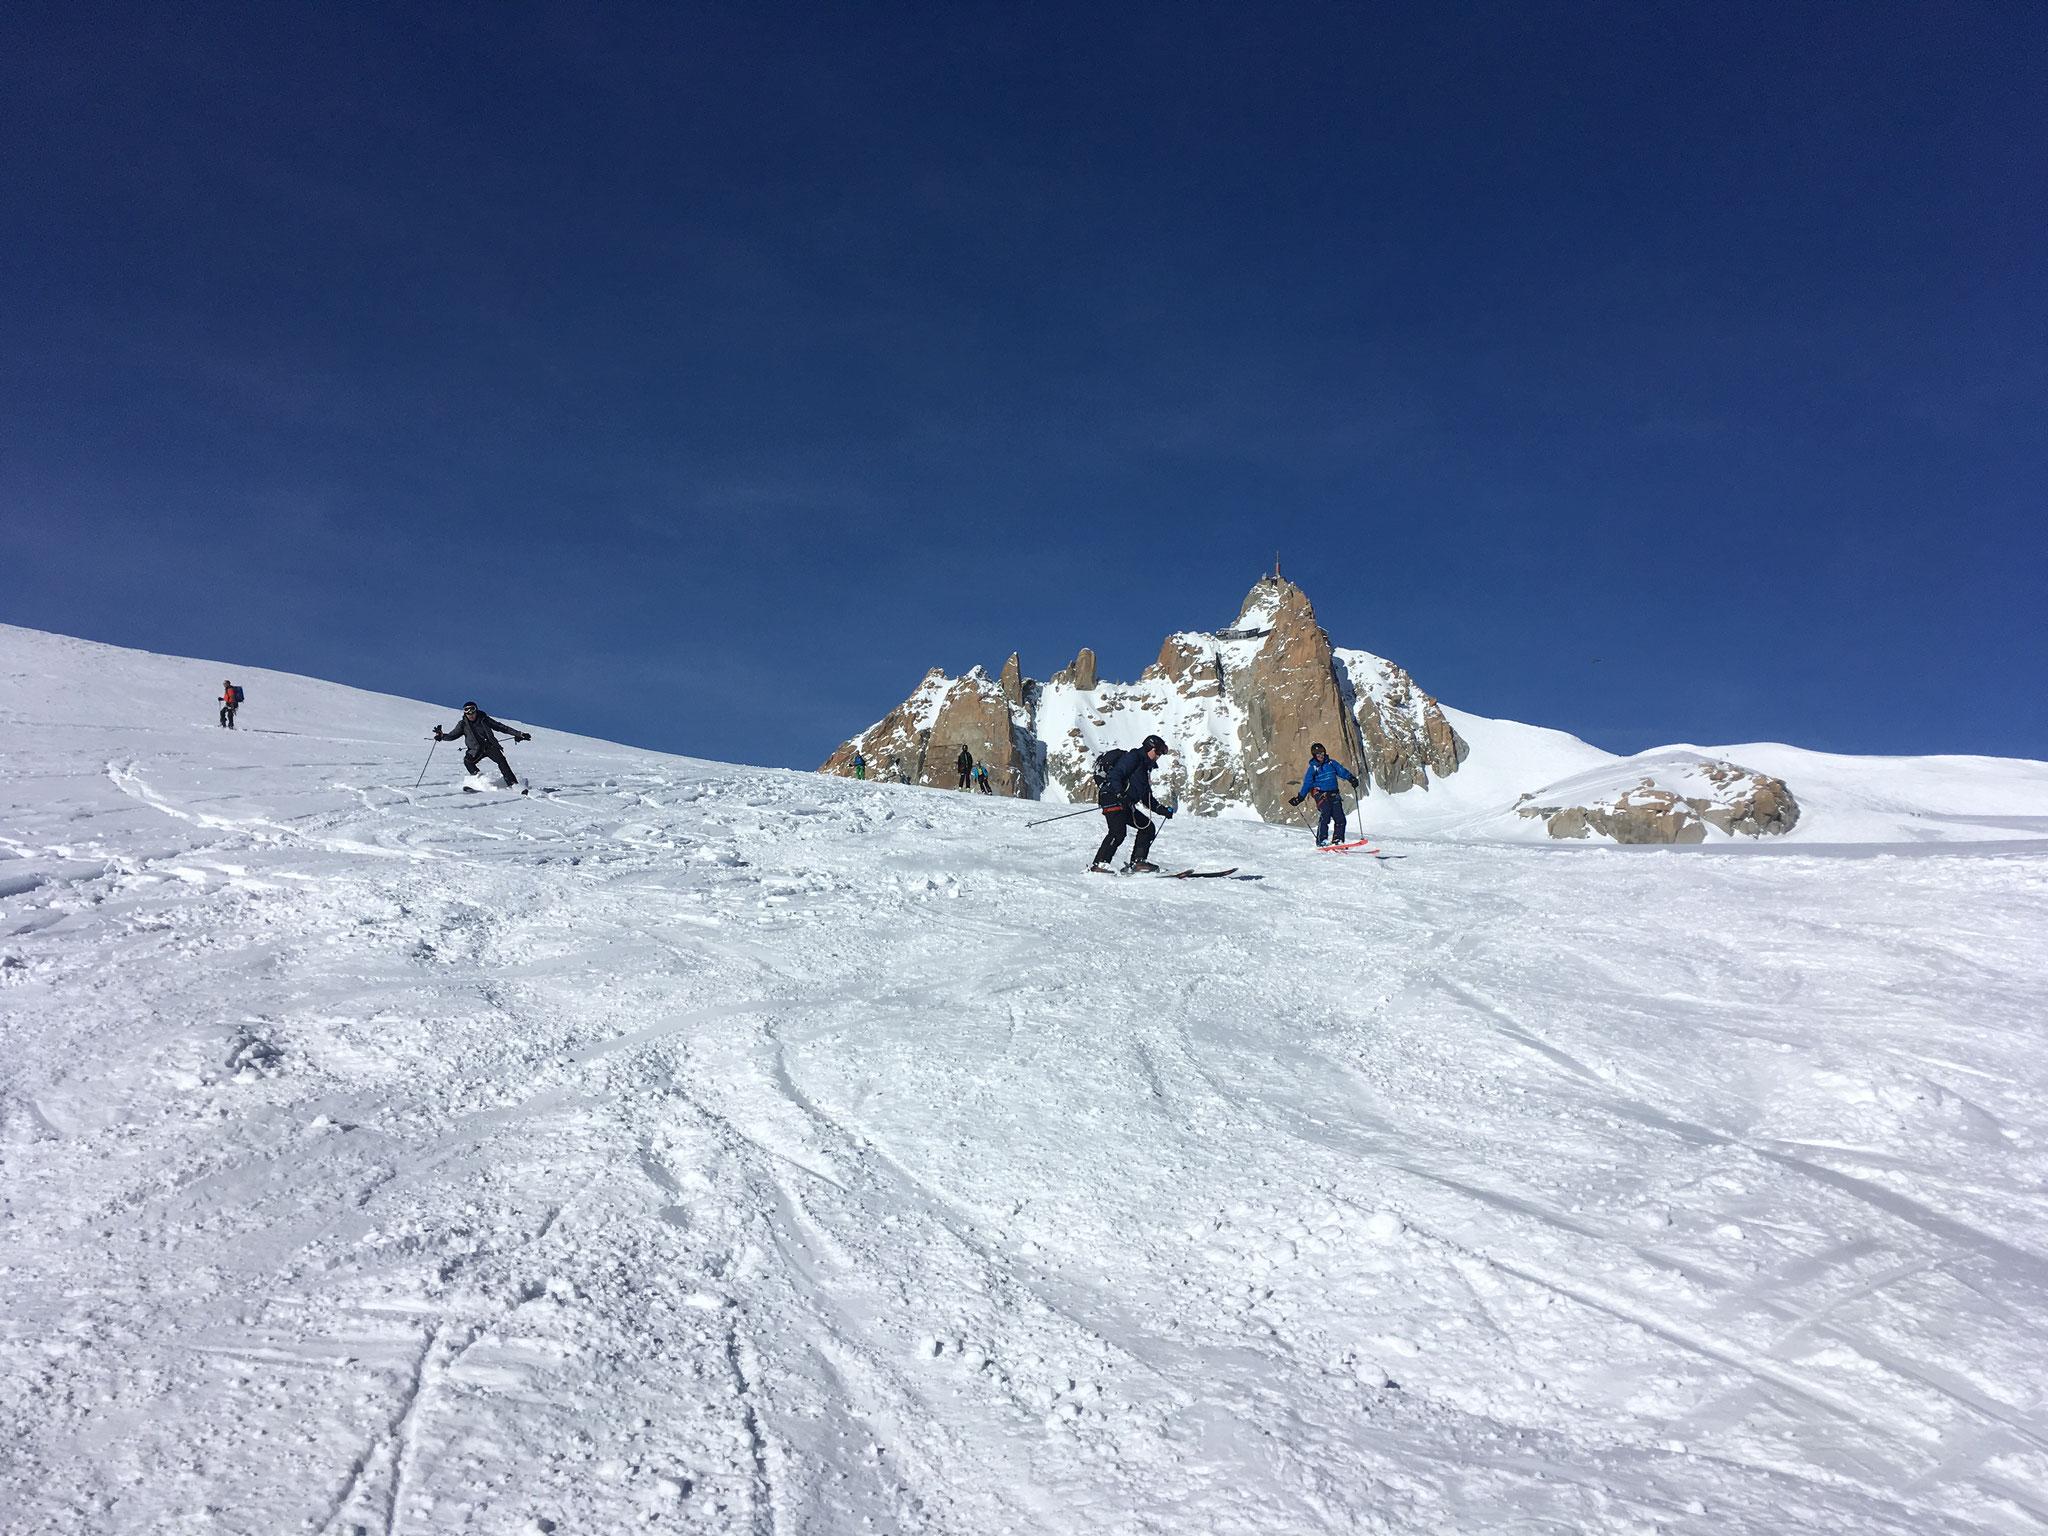 Belle qualité de neige, et des traces à faire !